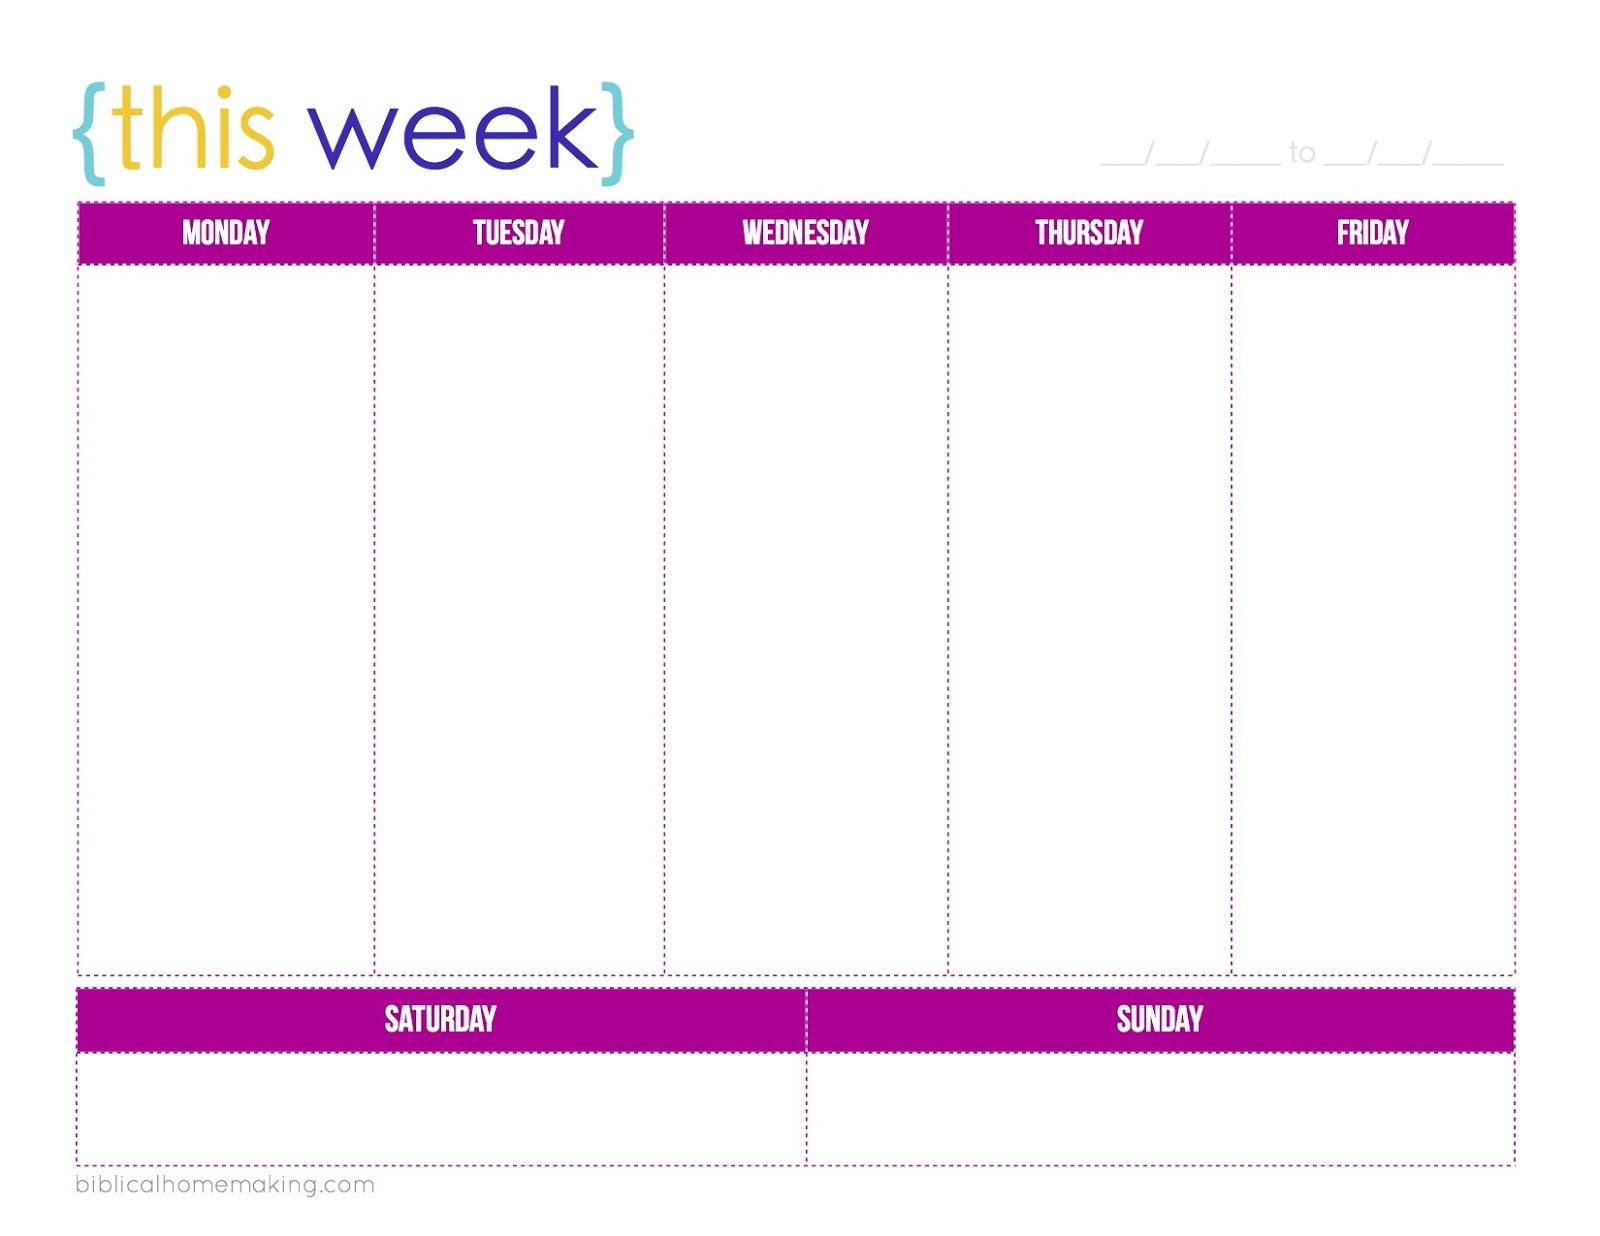 One Week Calendar Printable Schedule Ate Blank   Smorad